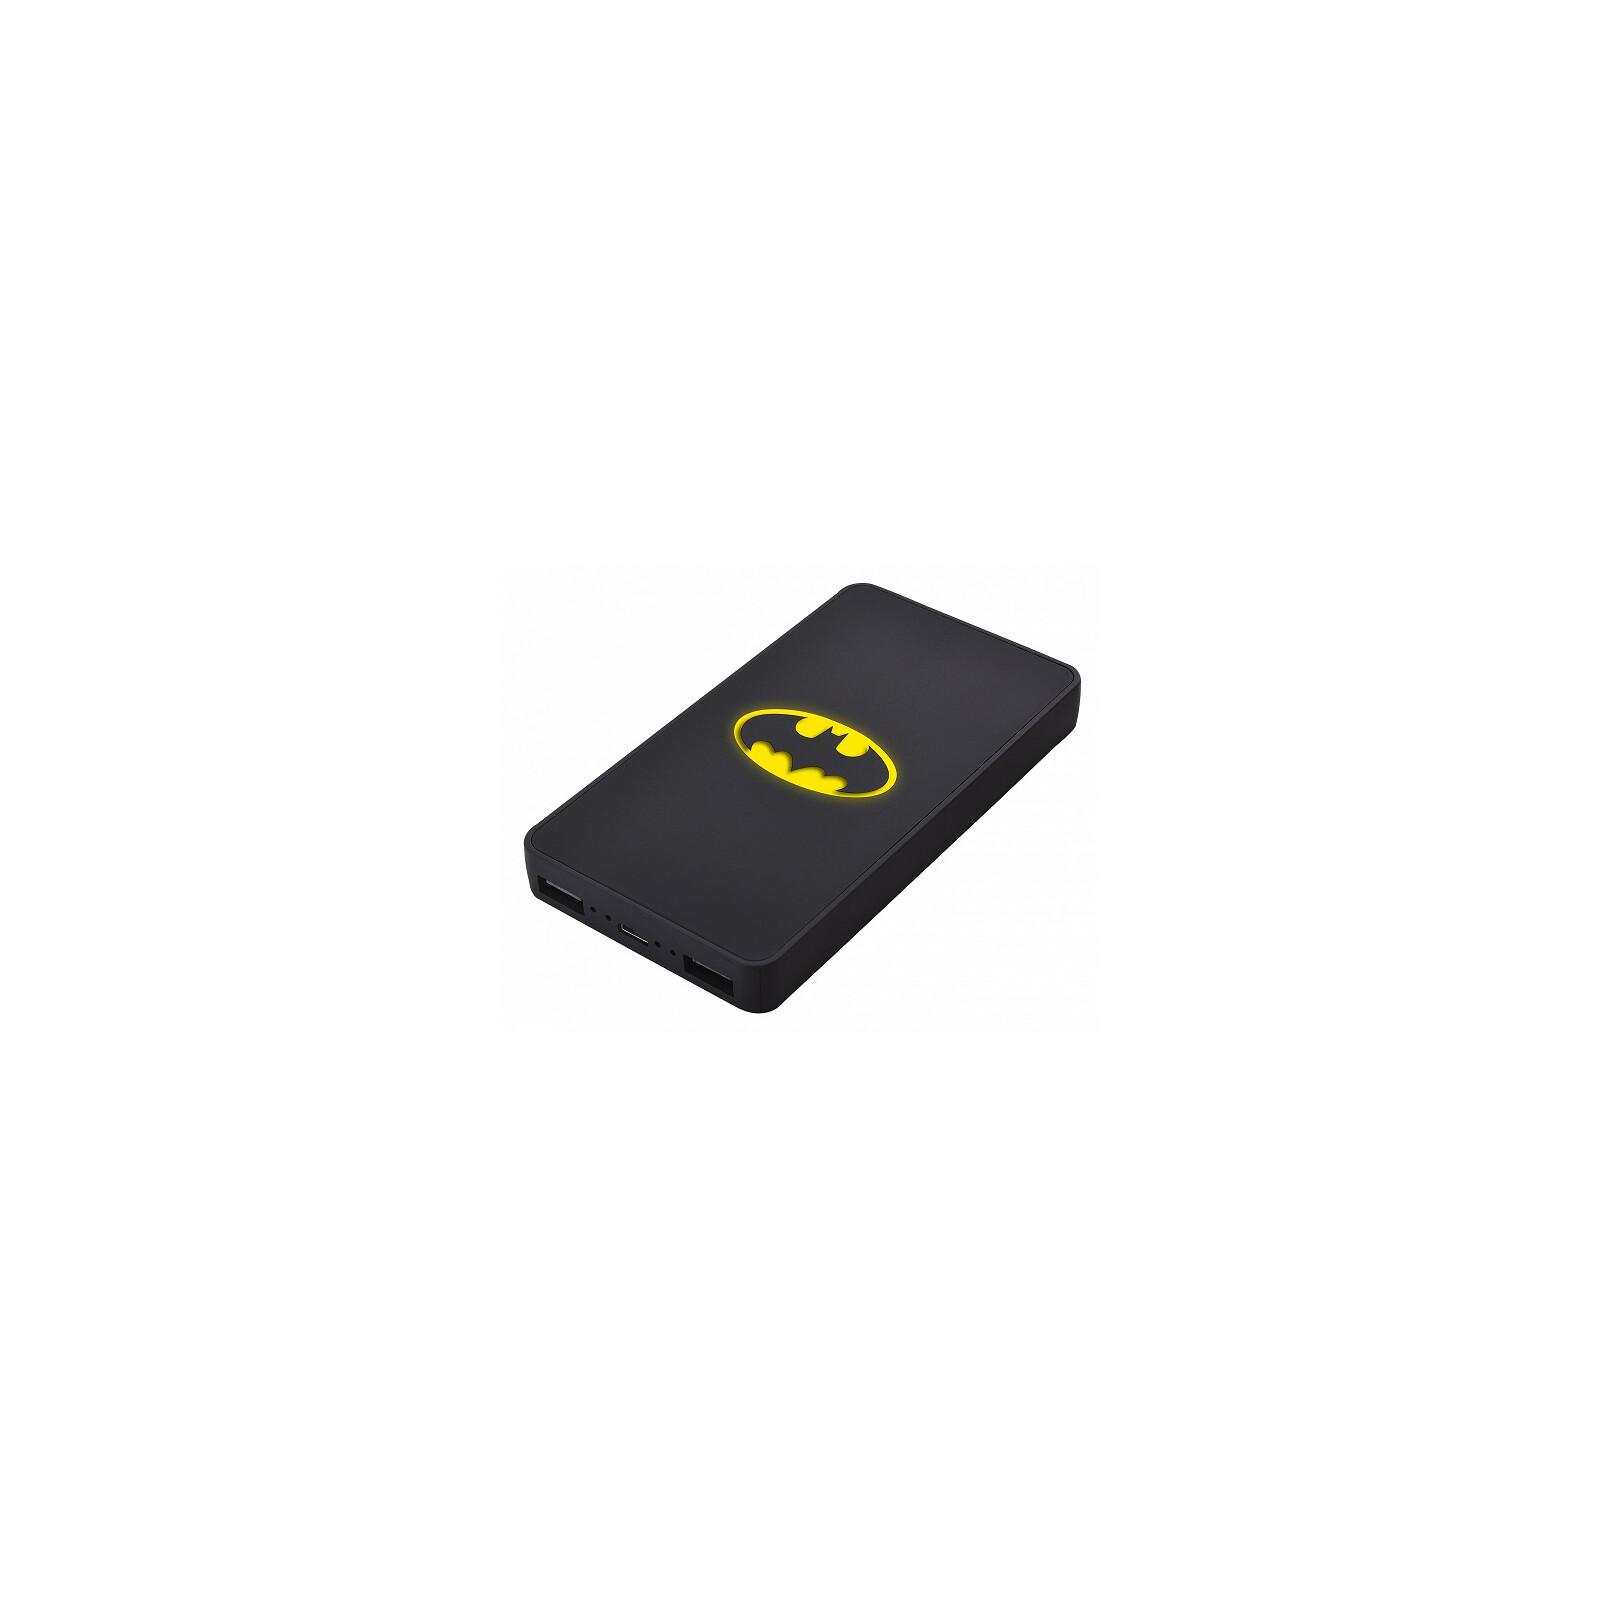 Emtec Power Essentials 5000mAh Batman